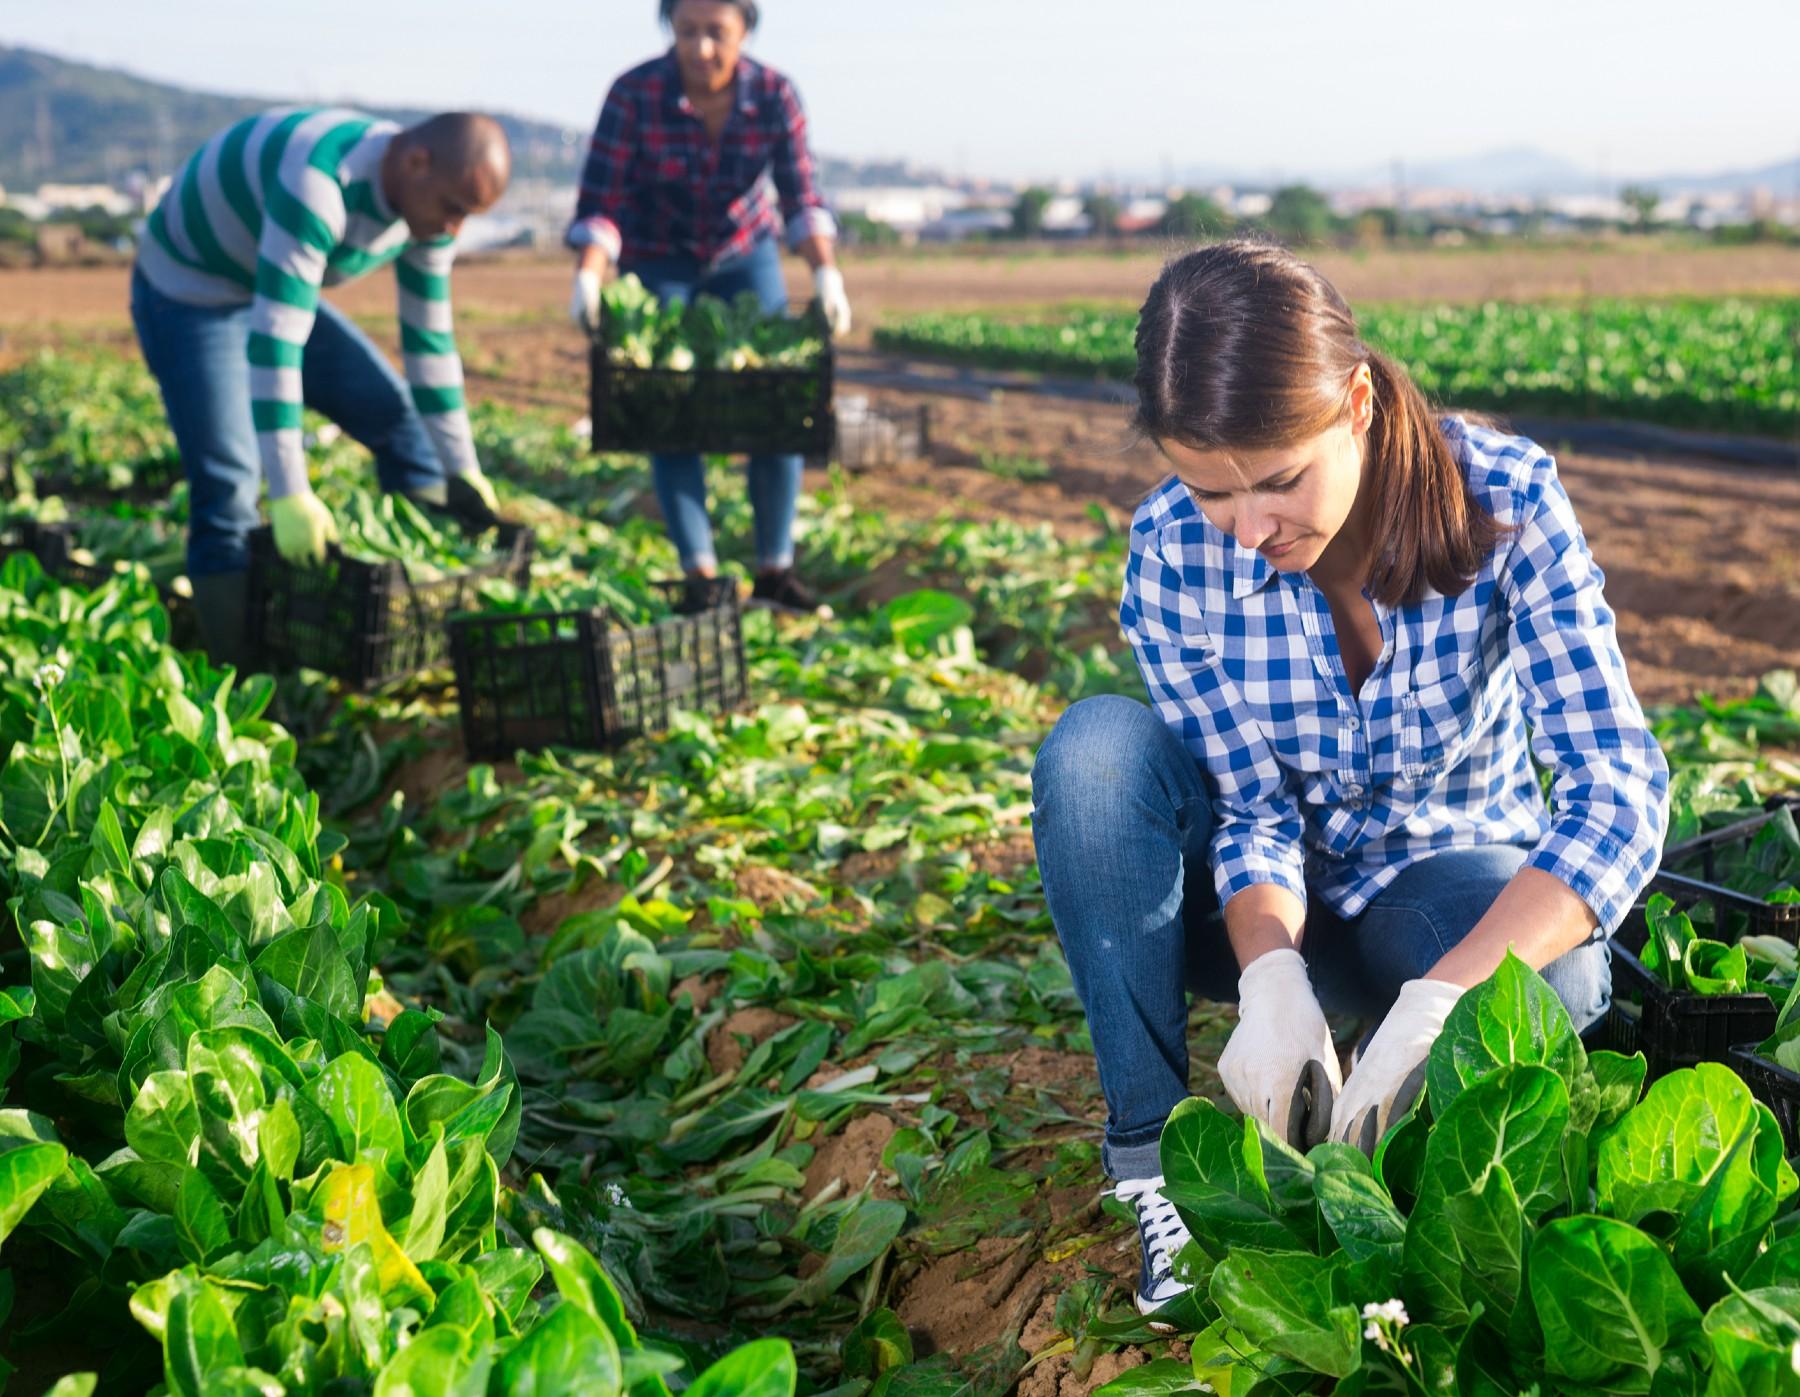 Woman working in a lettuce field in Spain